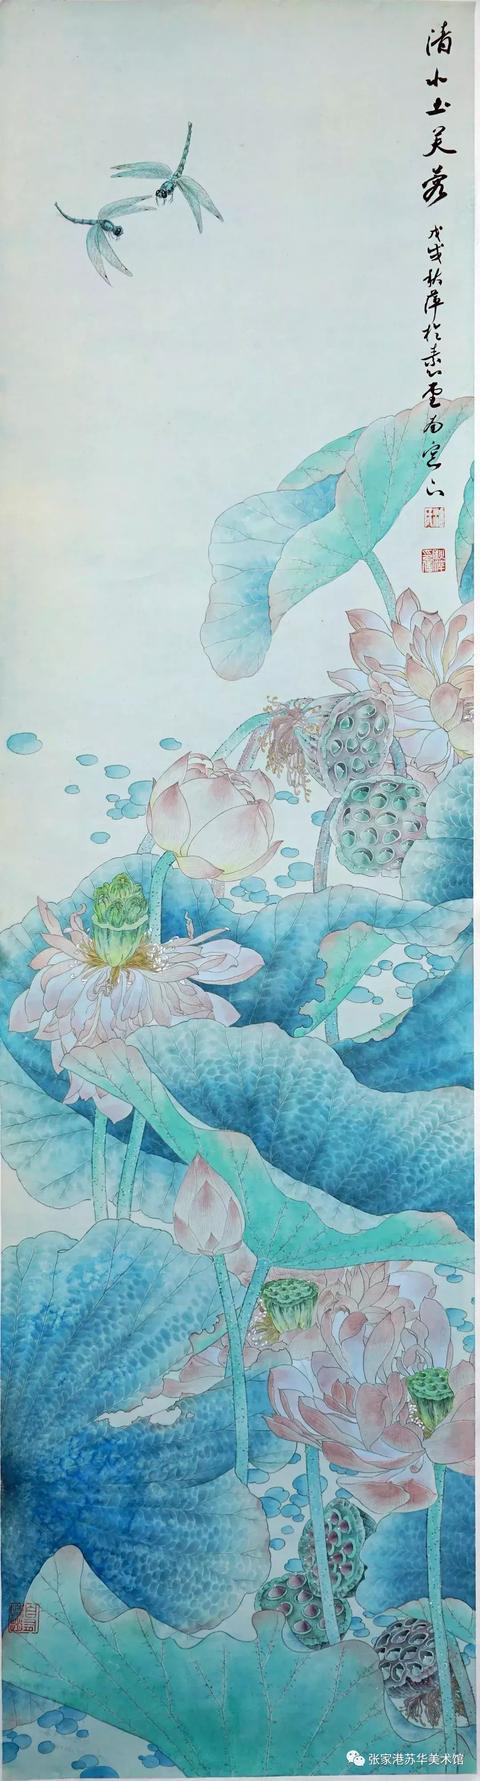 文明港城 美丽家园 美术作品展在张家港苏华美术馆开幕